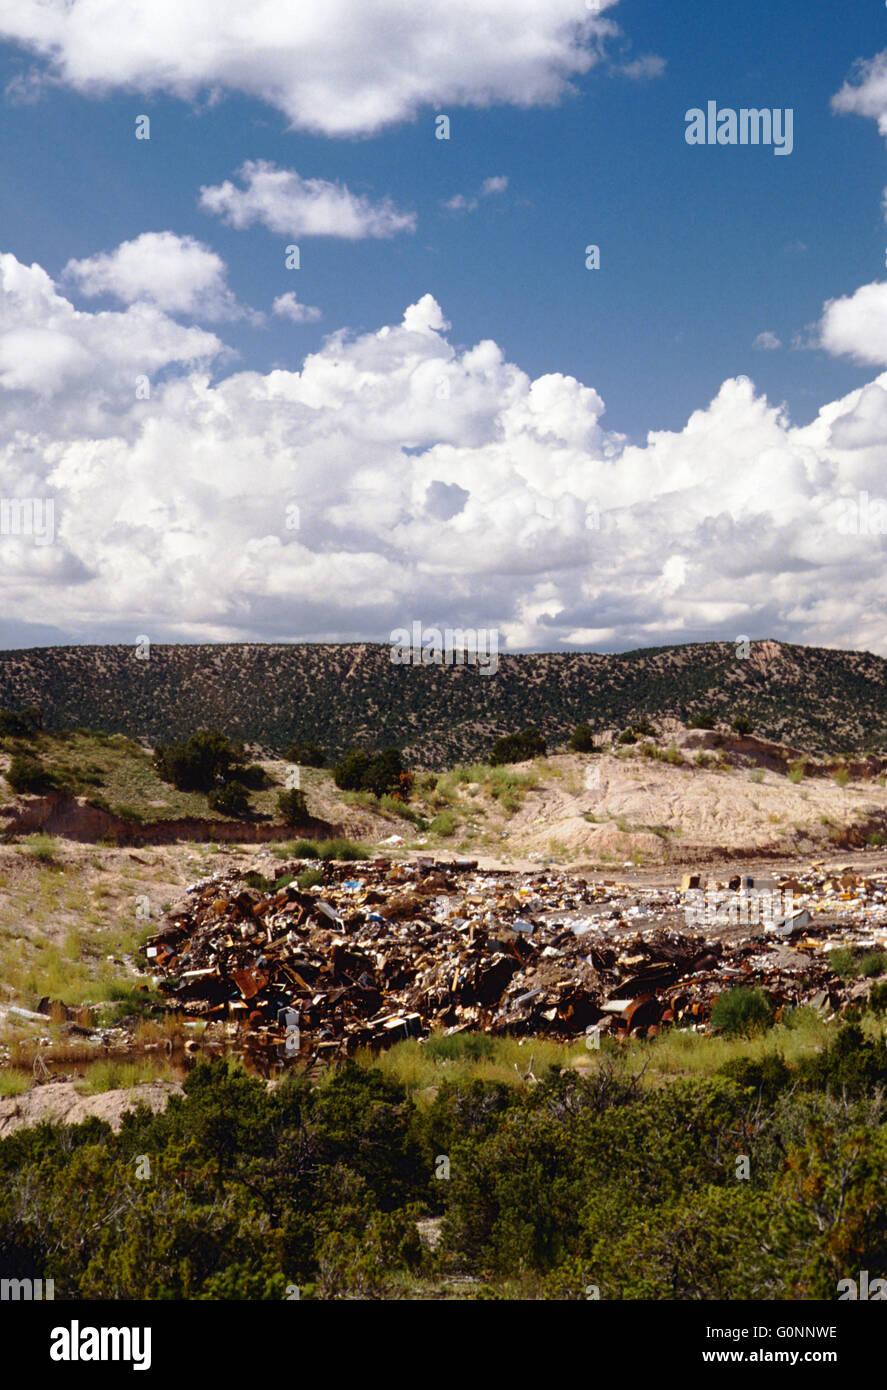 Deponie & Stadt Müllkippe in der Nähe von Truchas; New Mexiko; USA Stockbild